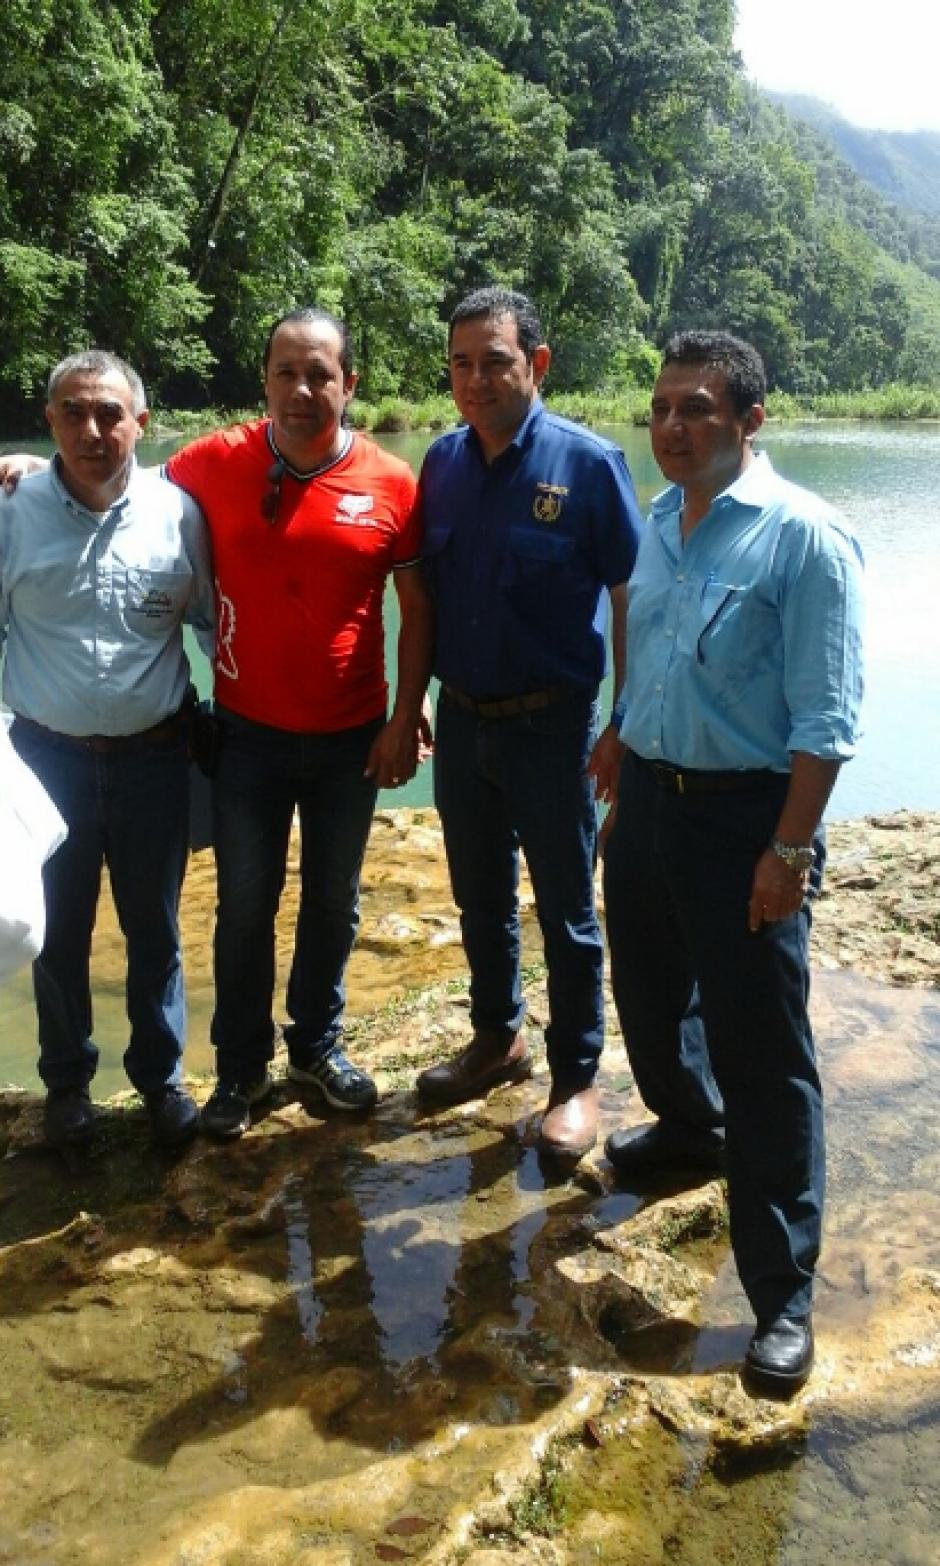 El presidente Jimmy Morales visitó Semuc Champey el pasado 3 de agosto para verificar su funcionamiento. (Foto: Twitter, Inguat)